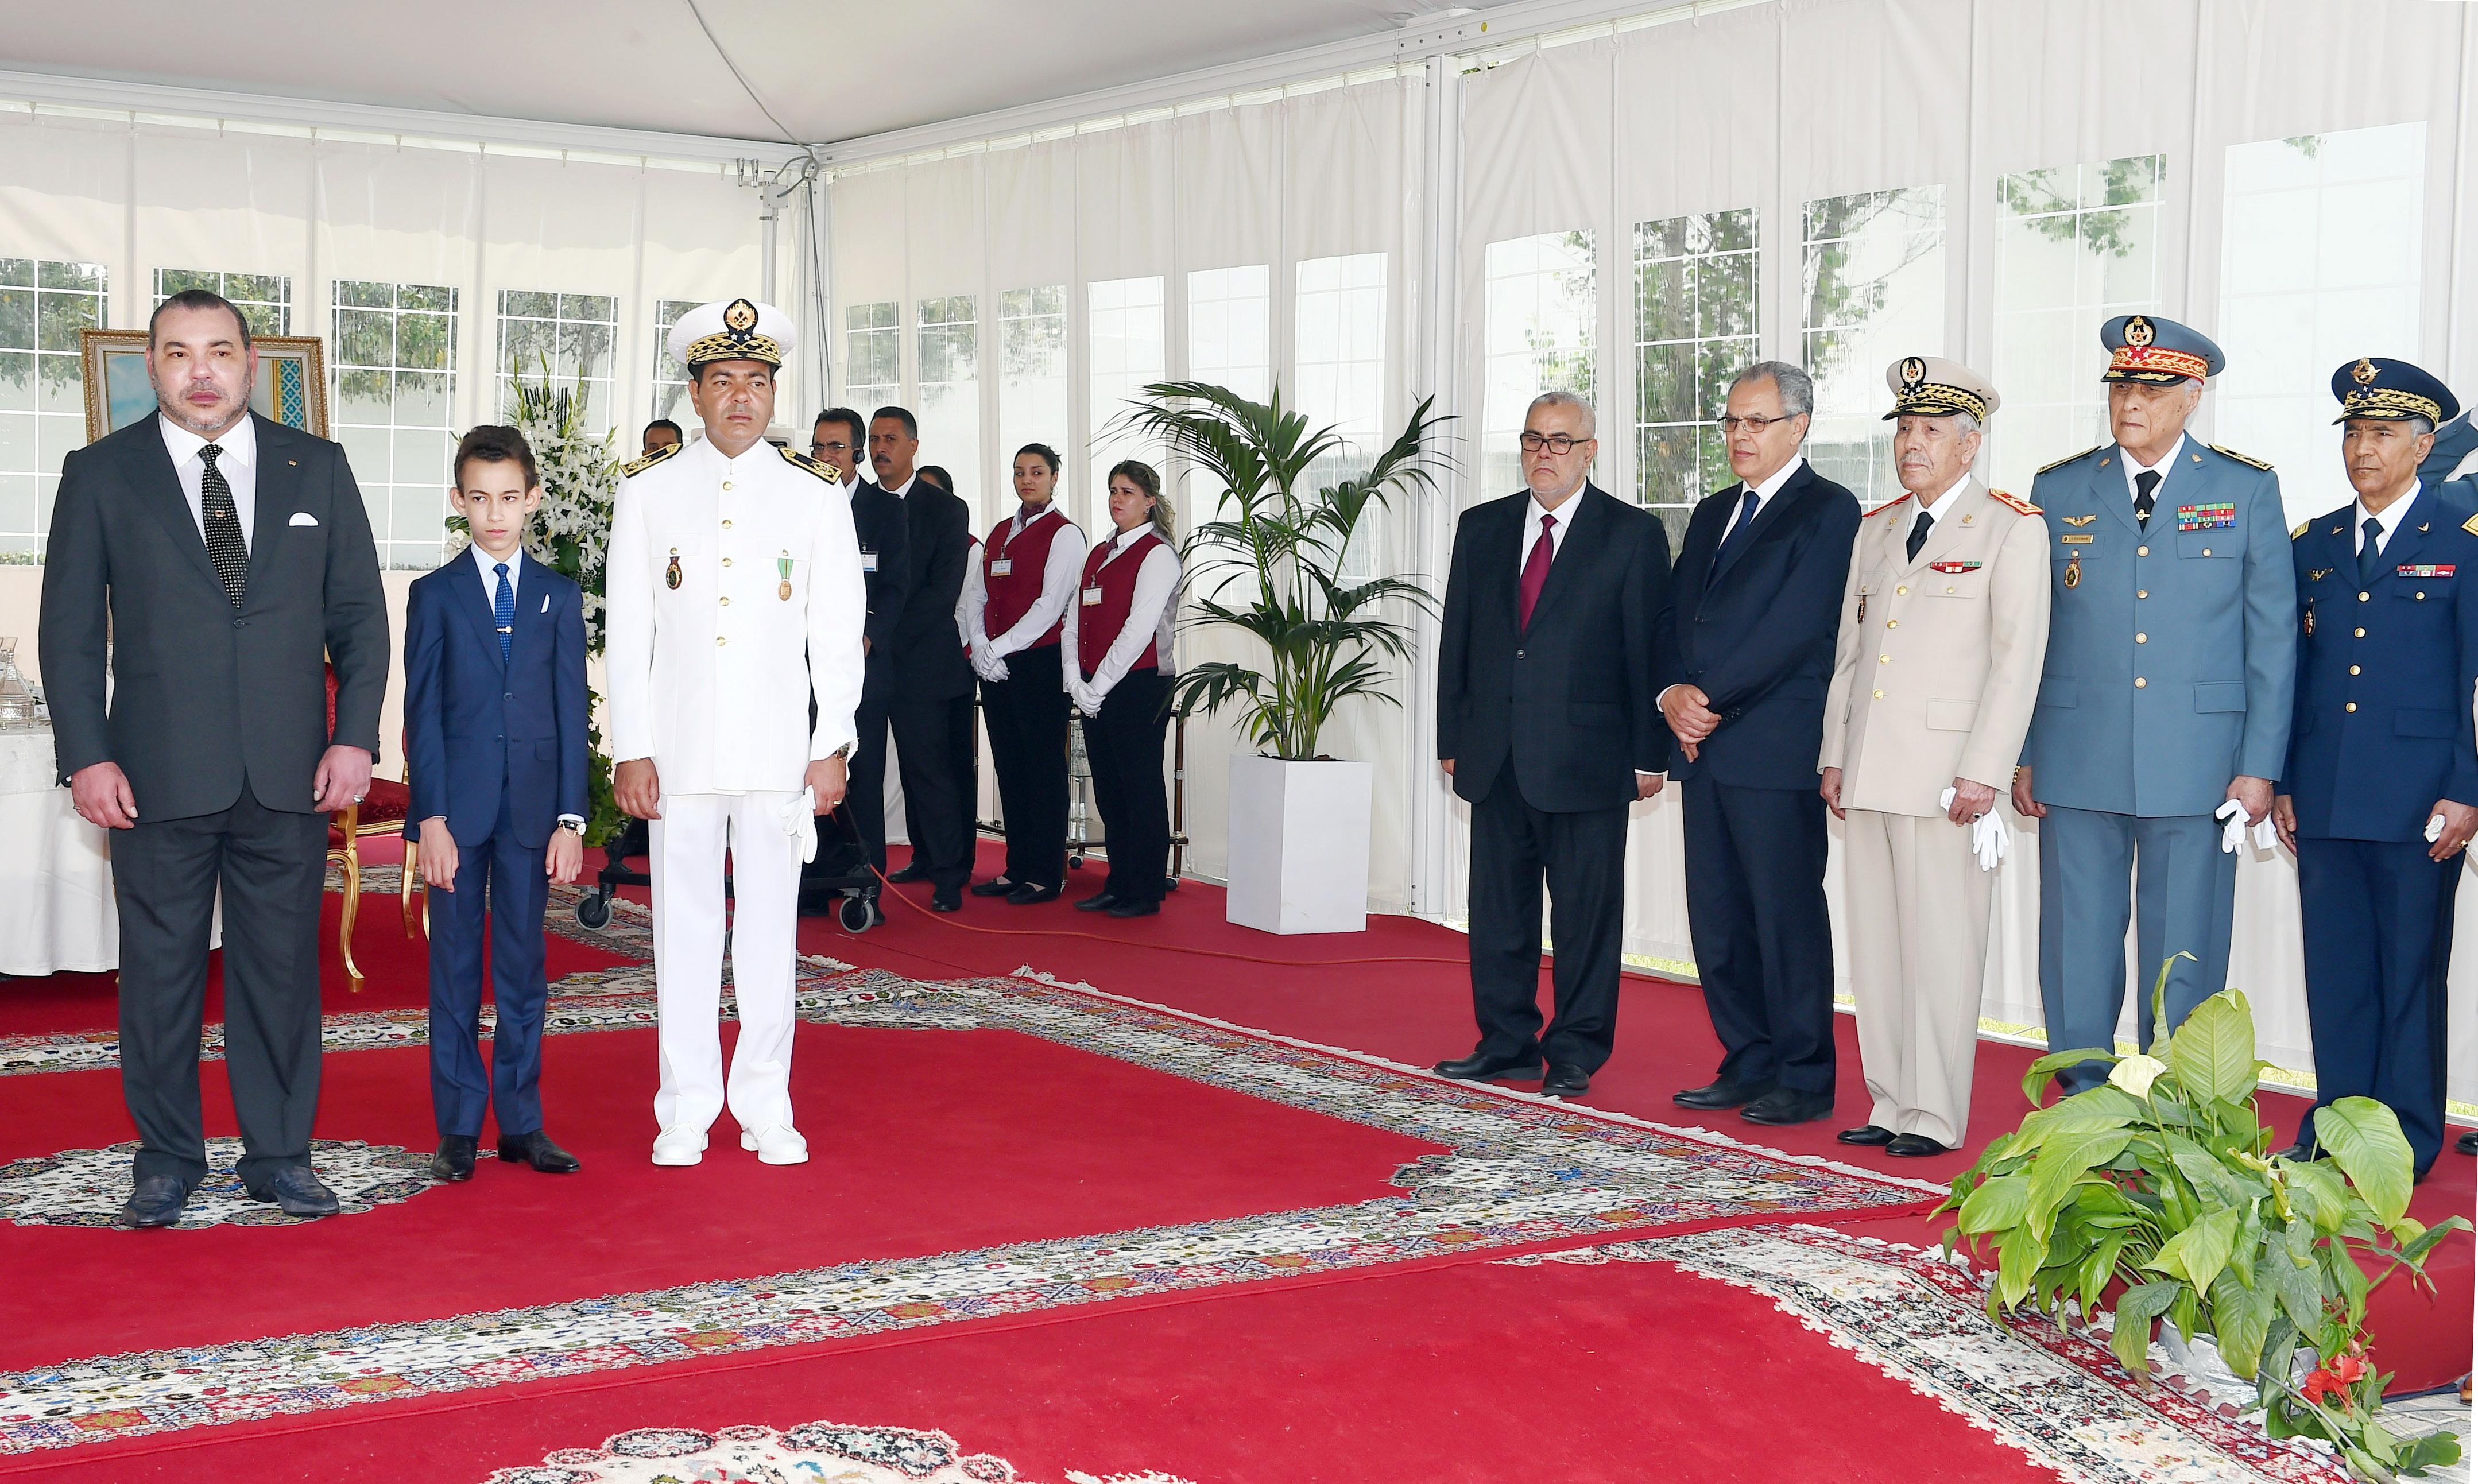 استحضار فقدان الطيار ياسين بحتي في حفل ترأسه الملك في الذكرى 59 للجيش